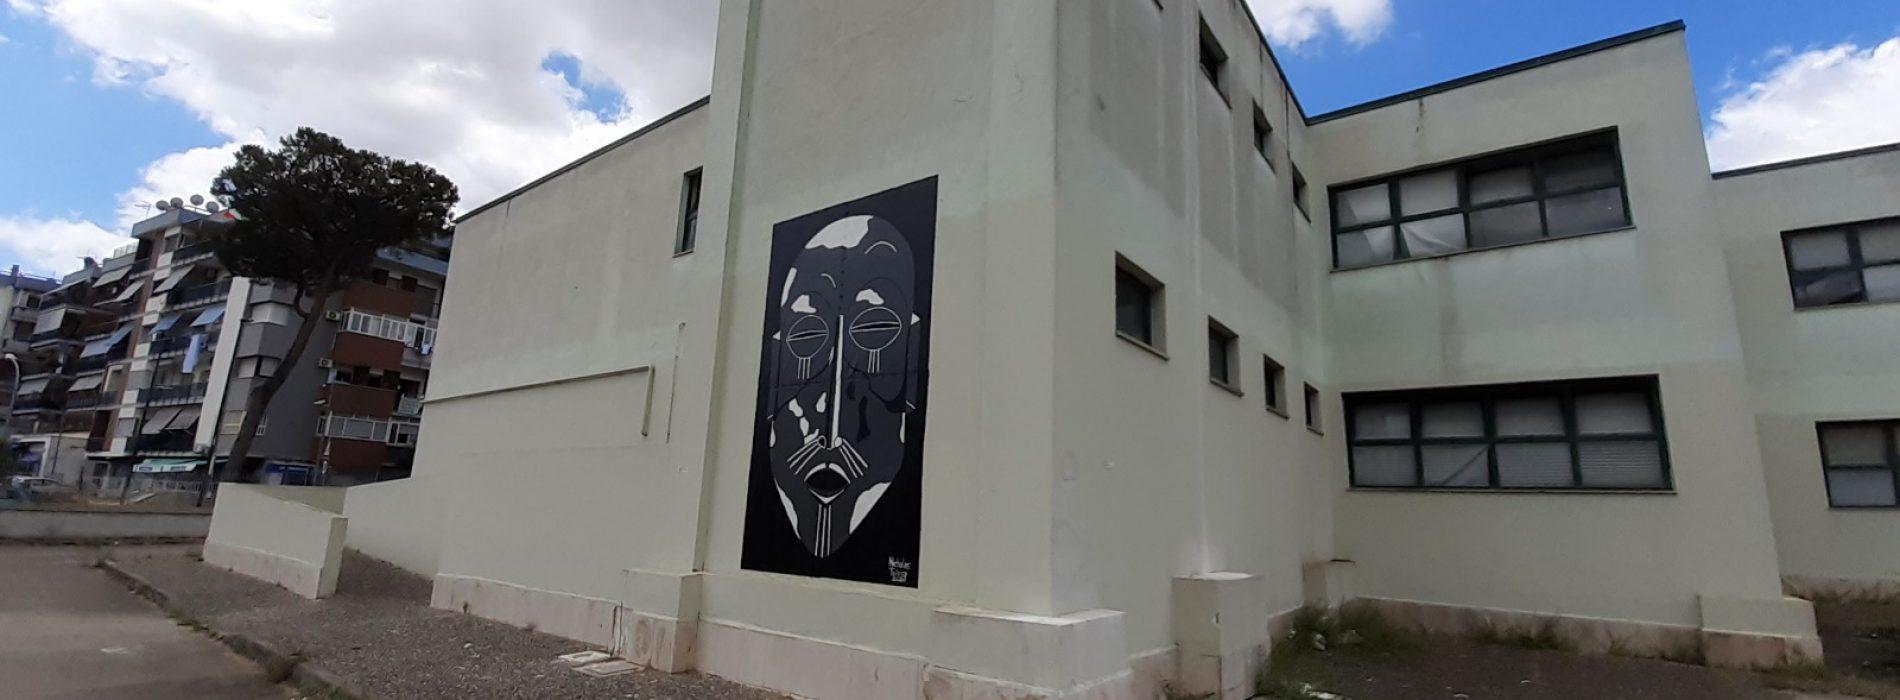 Thabo è andato a scuola, installata l'opera di Nicholas Tolosa